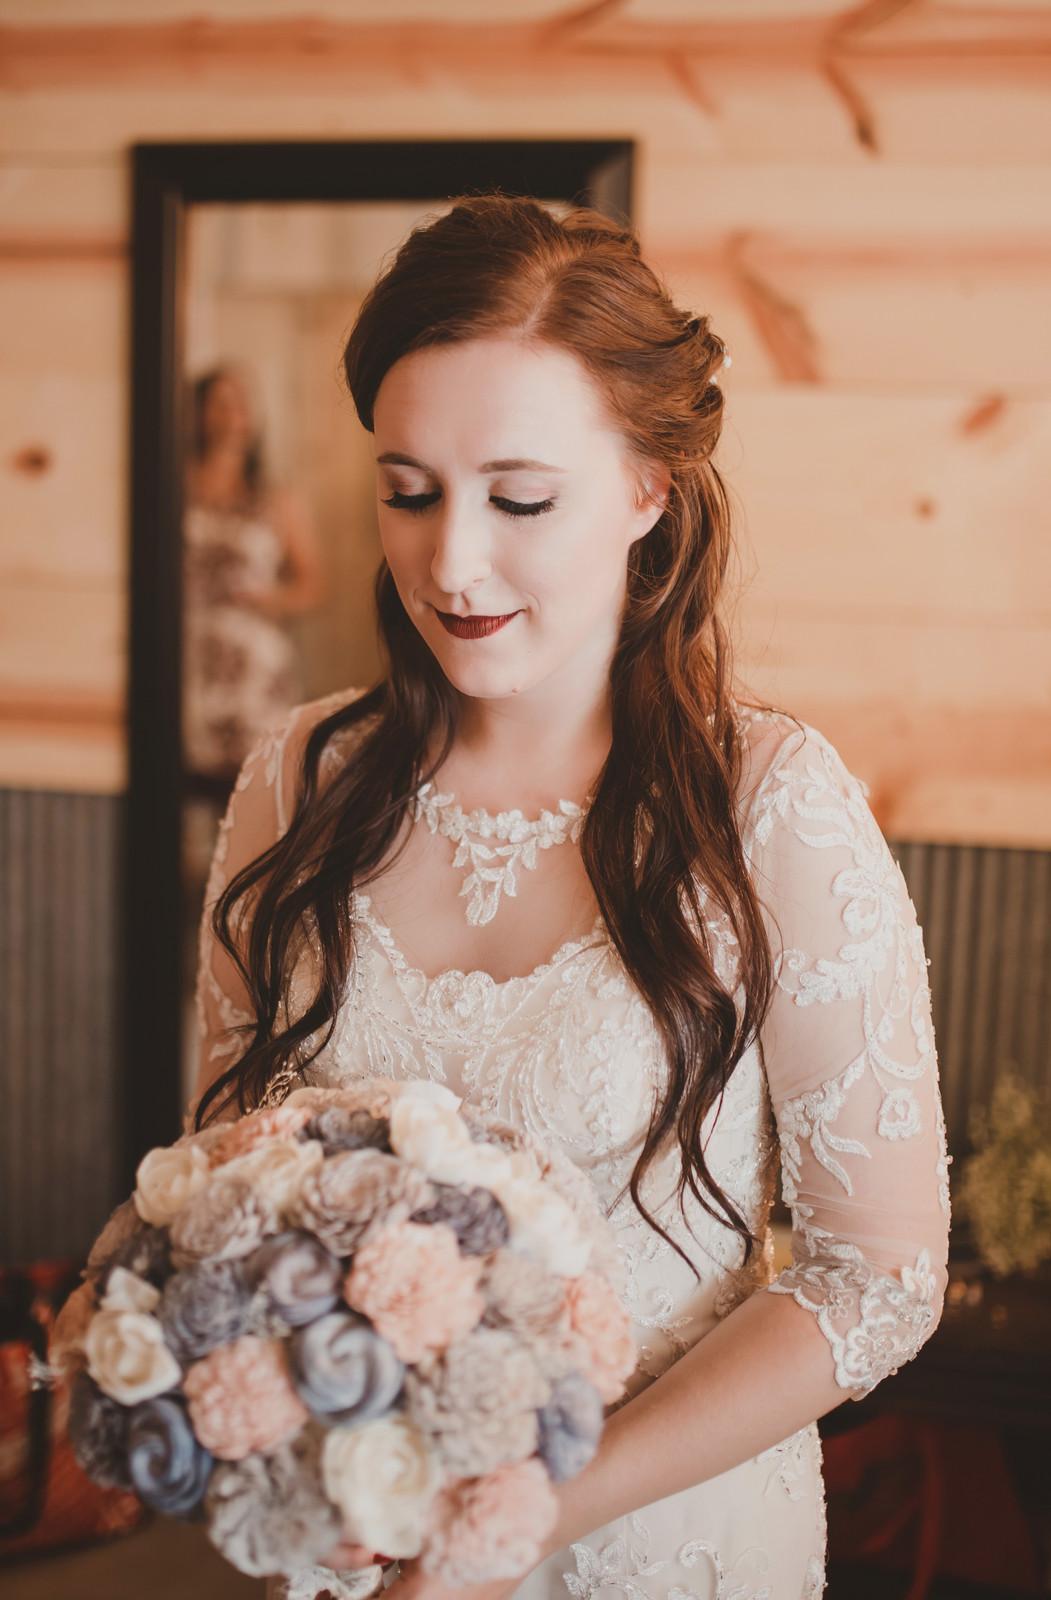 Wedding Dresses Bride Hair Bride Makeup Bride Bouquet Paper